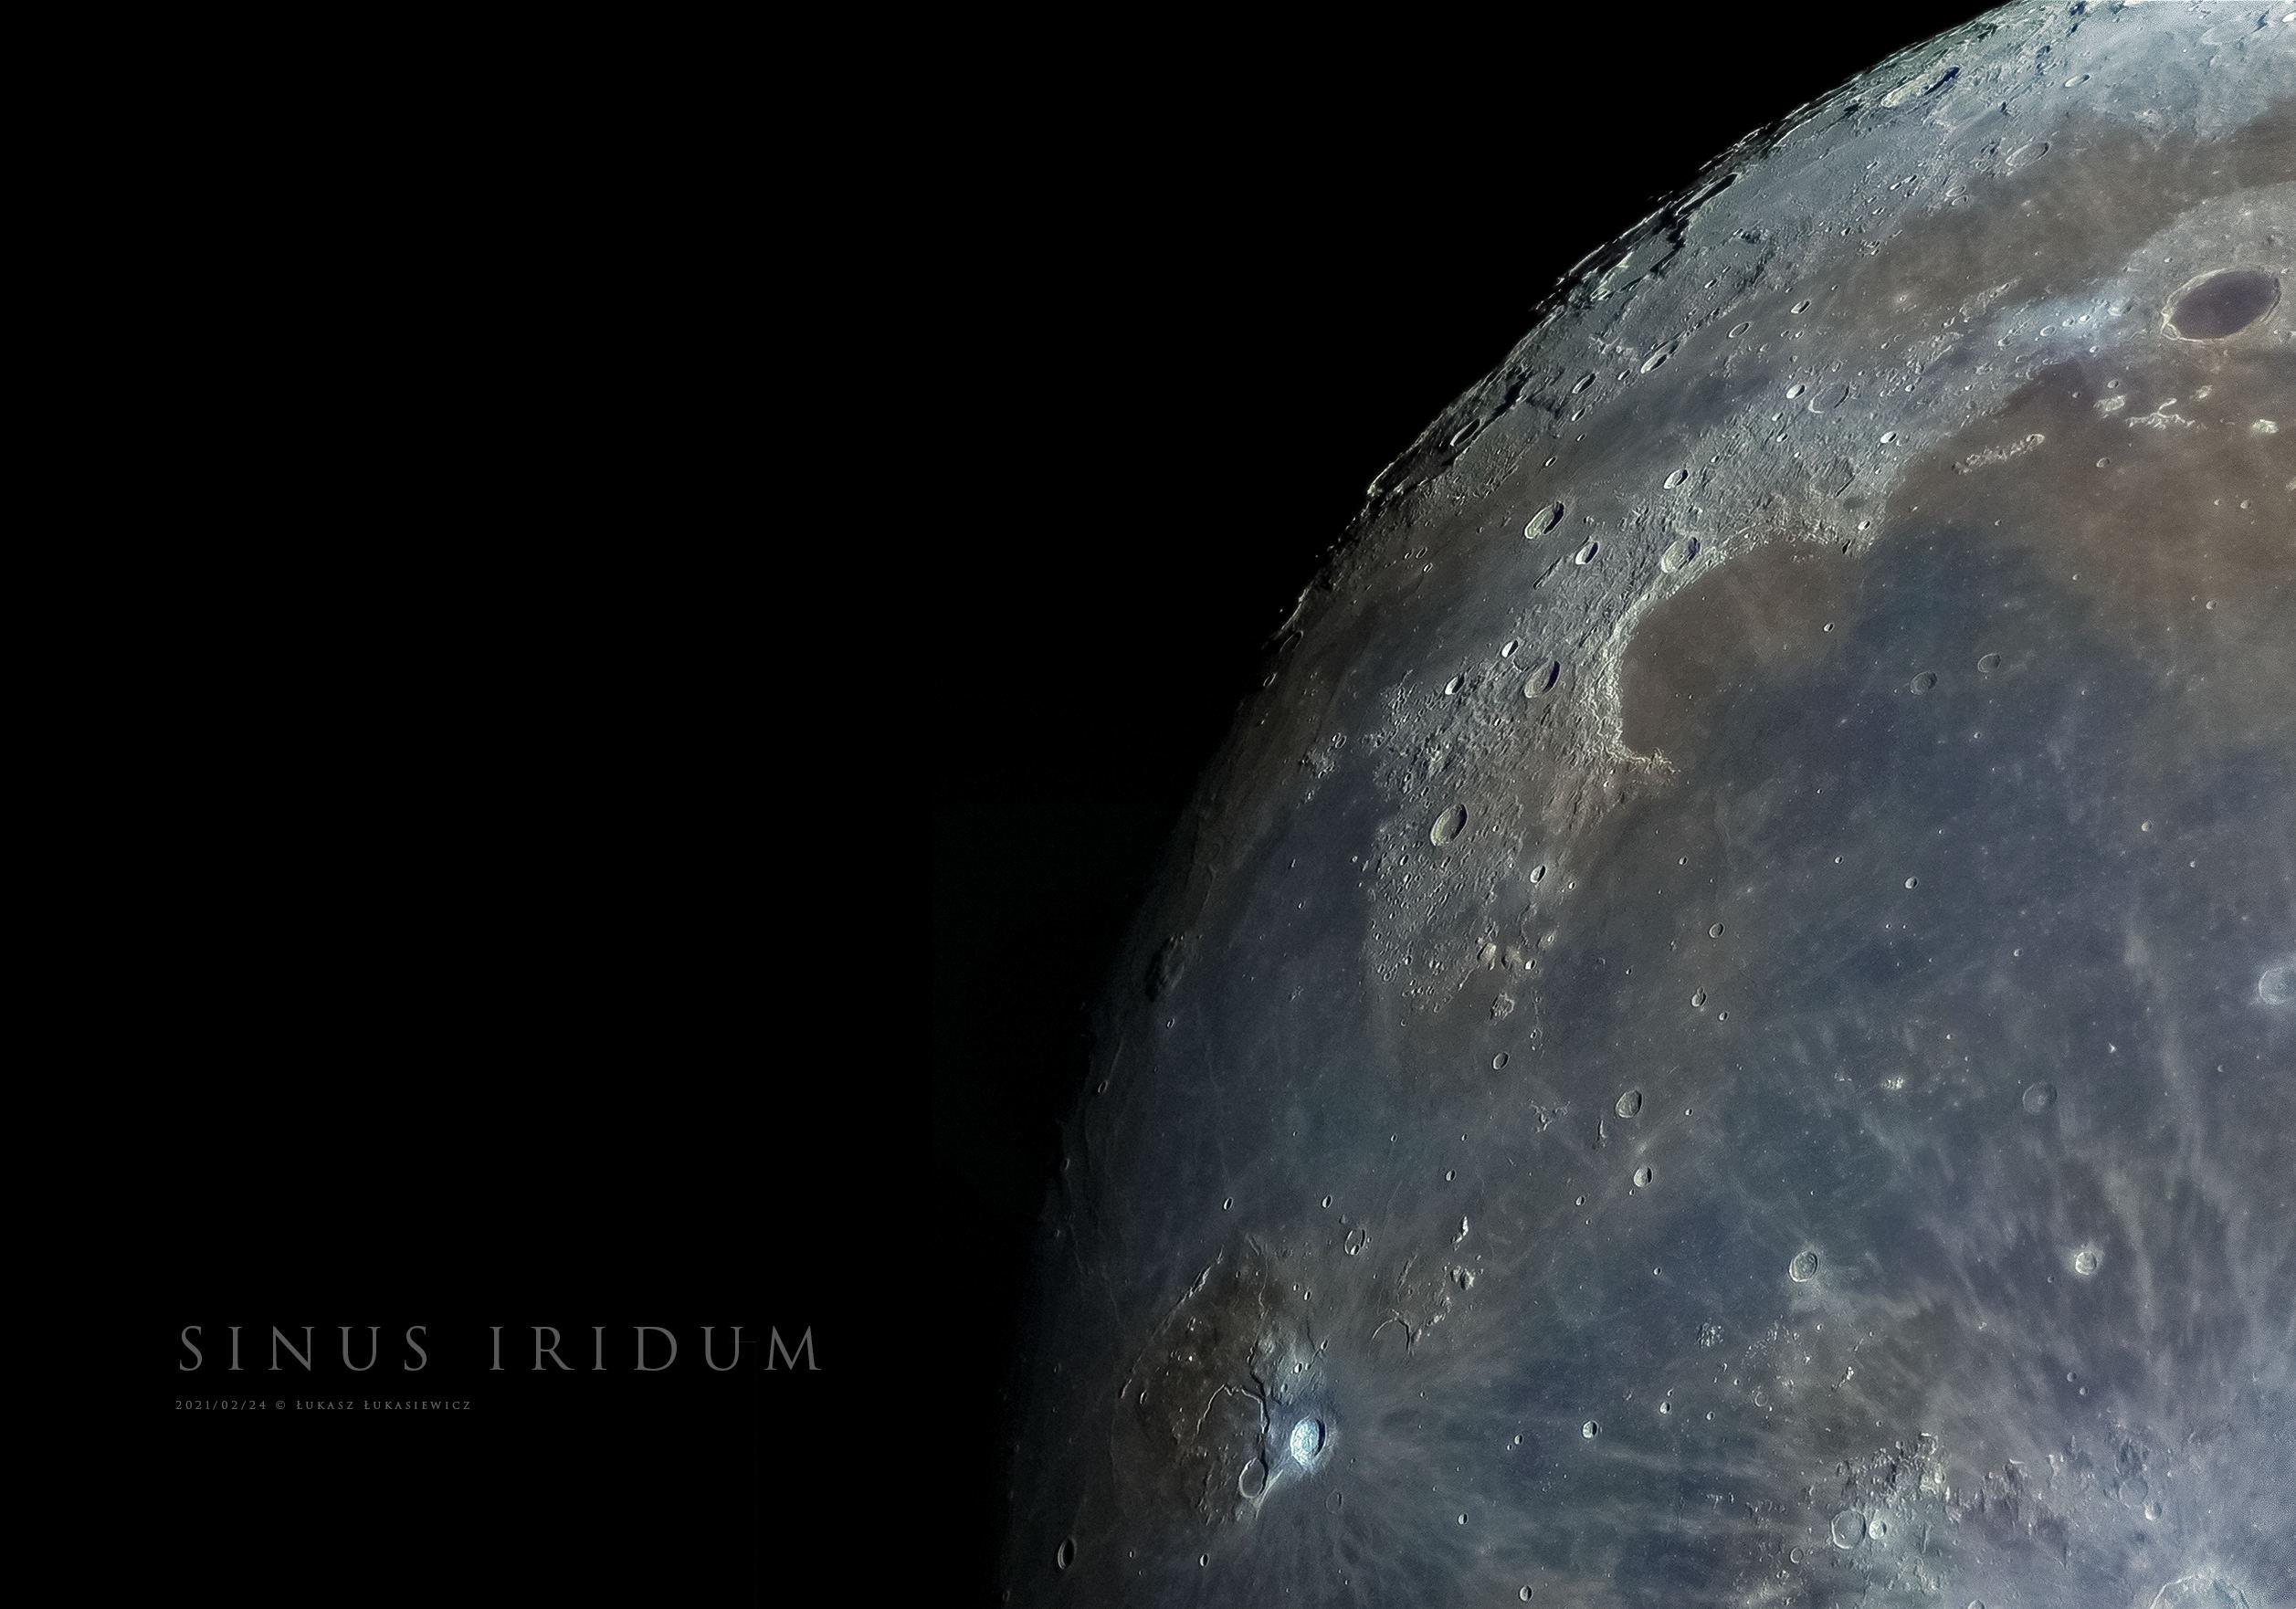 SINUS-IRIDUM-2021-02-24-80.jpg